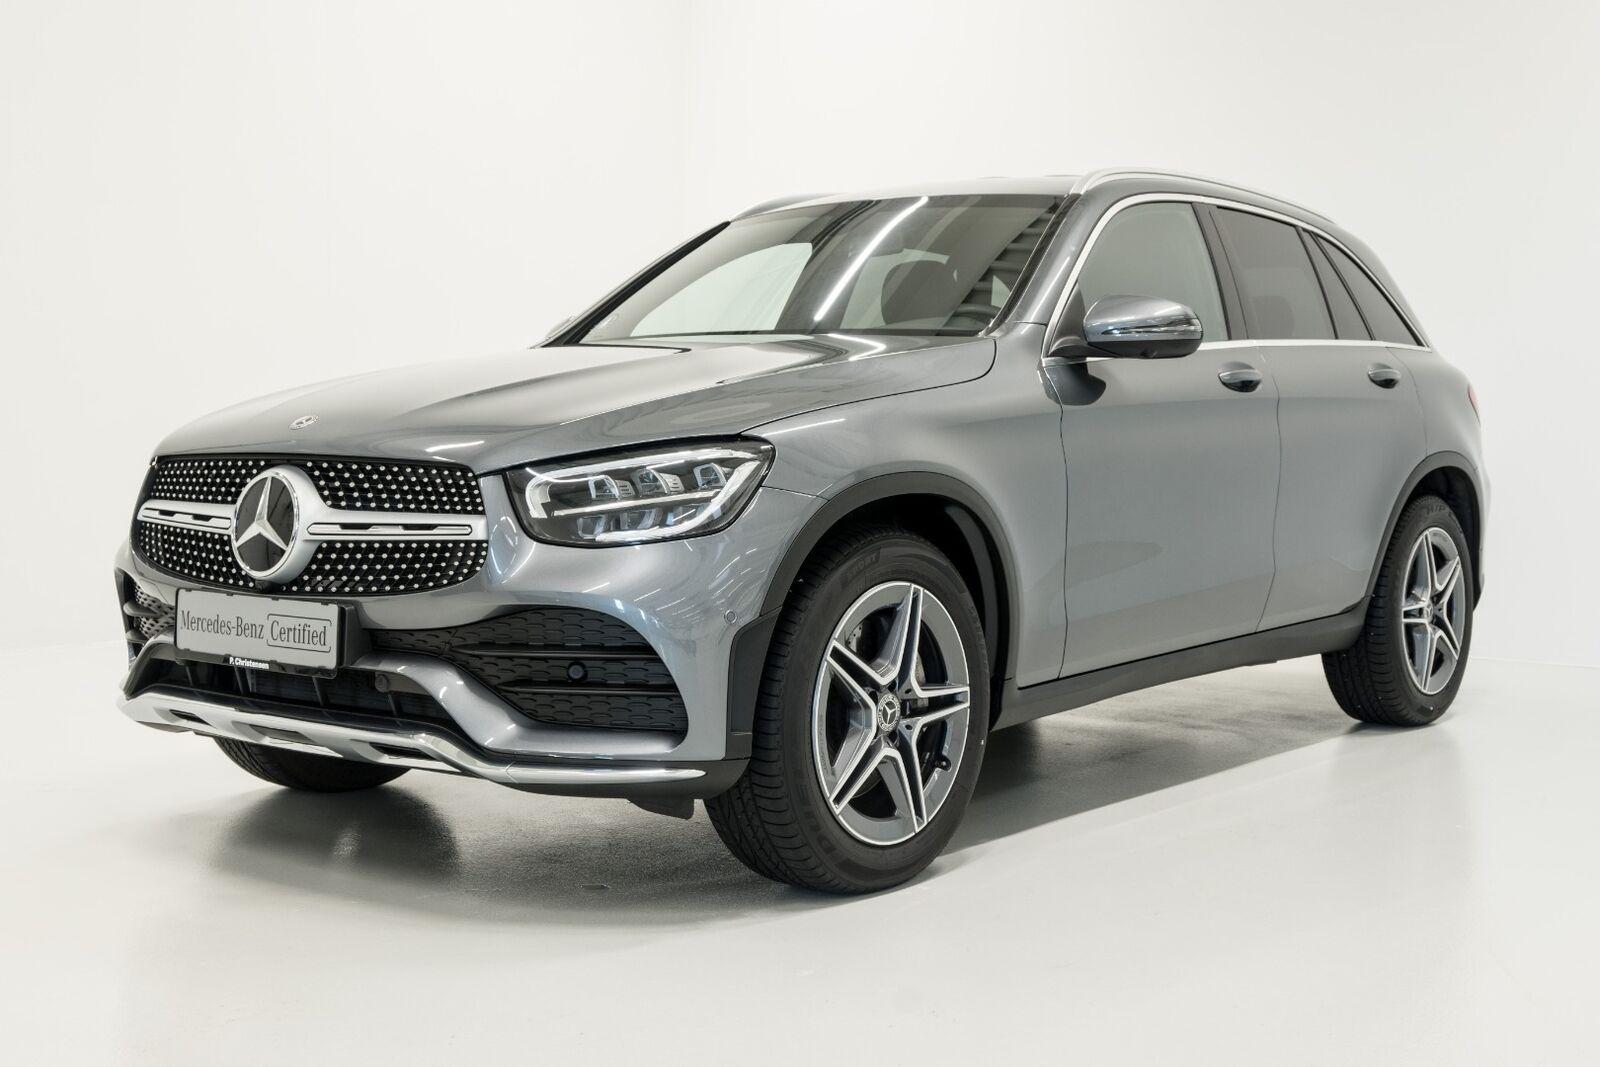 Mercedes GLC220 d 2,0 AMG Line aut. 4-M 5d - 5.929 kr.